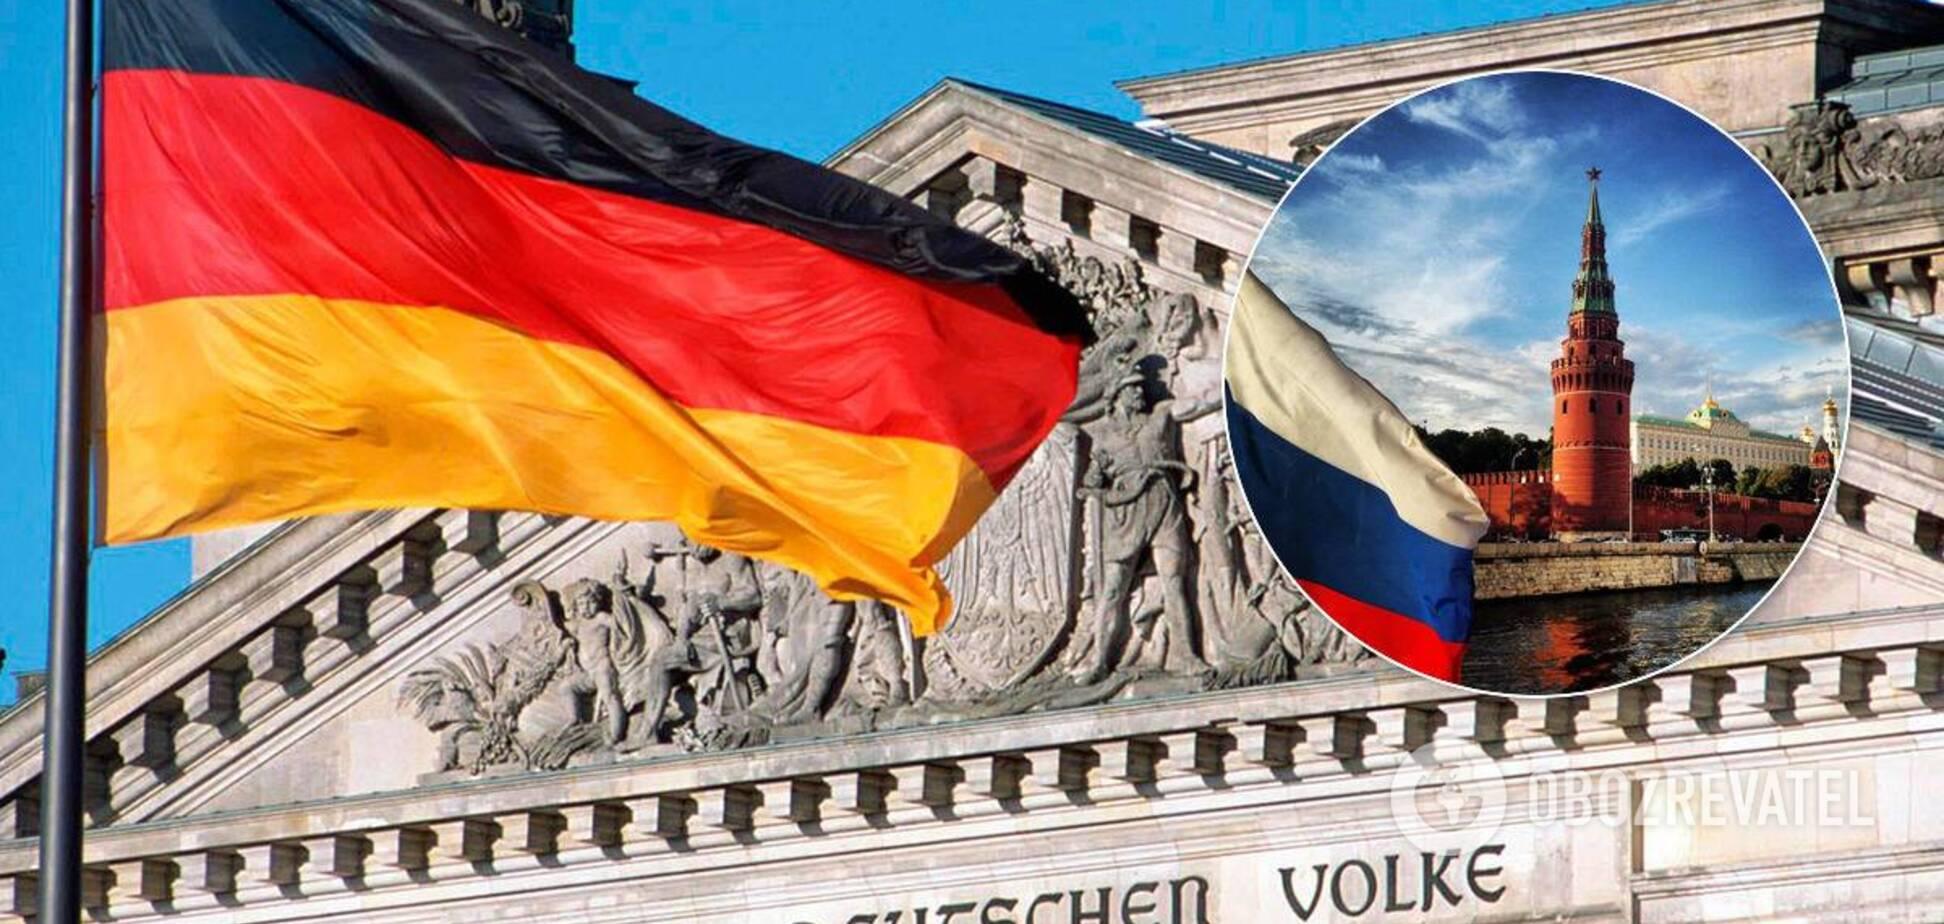 Німеччина запропонувала ЄС запровадити санкції проти Росії за кібератаку